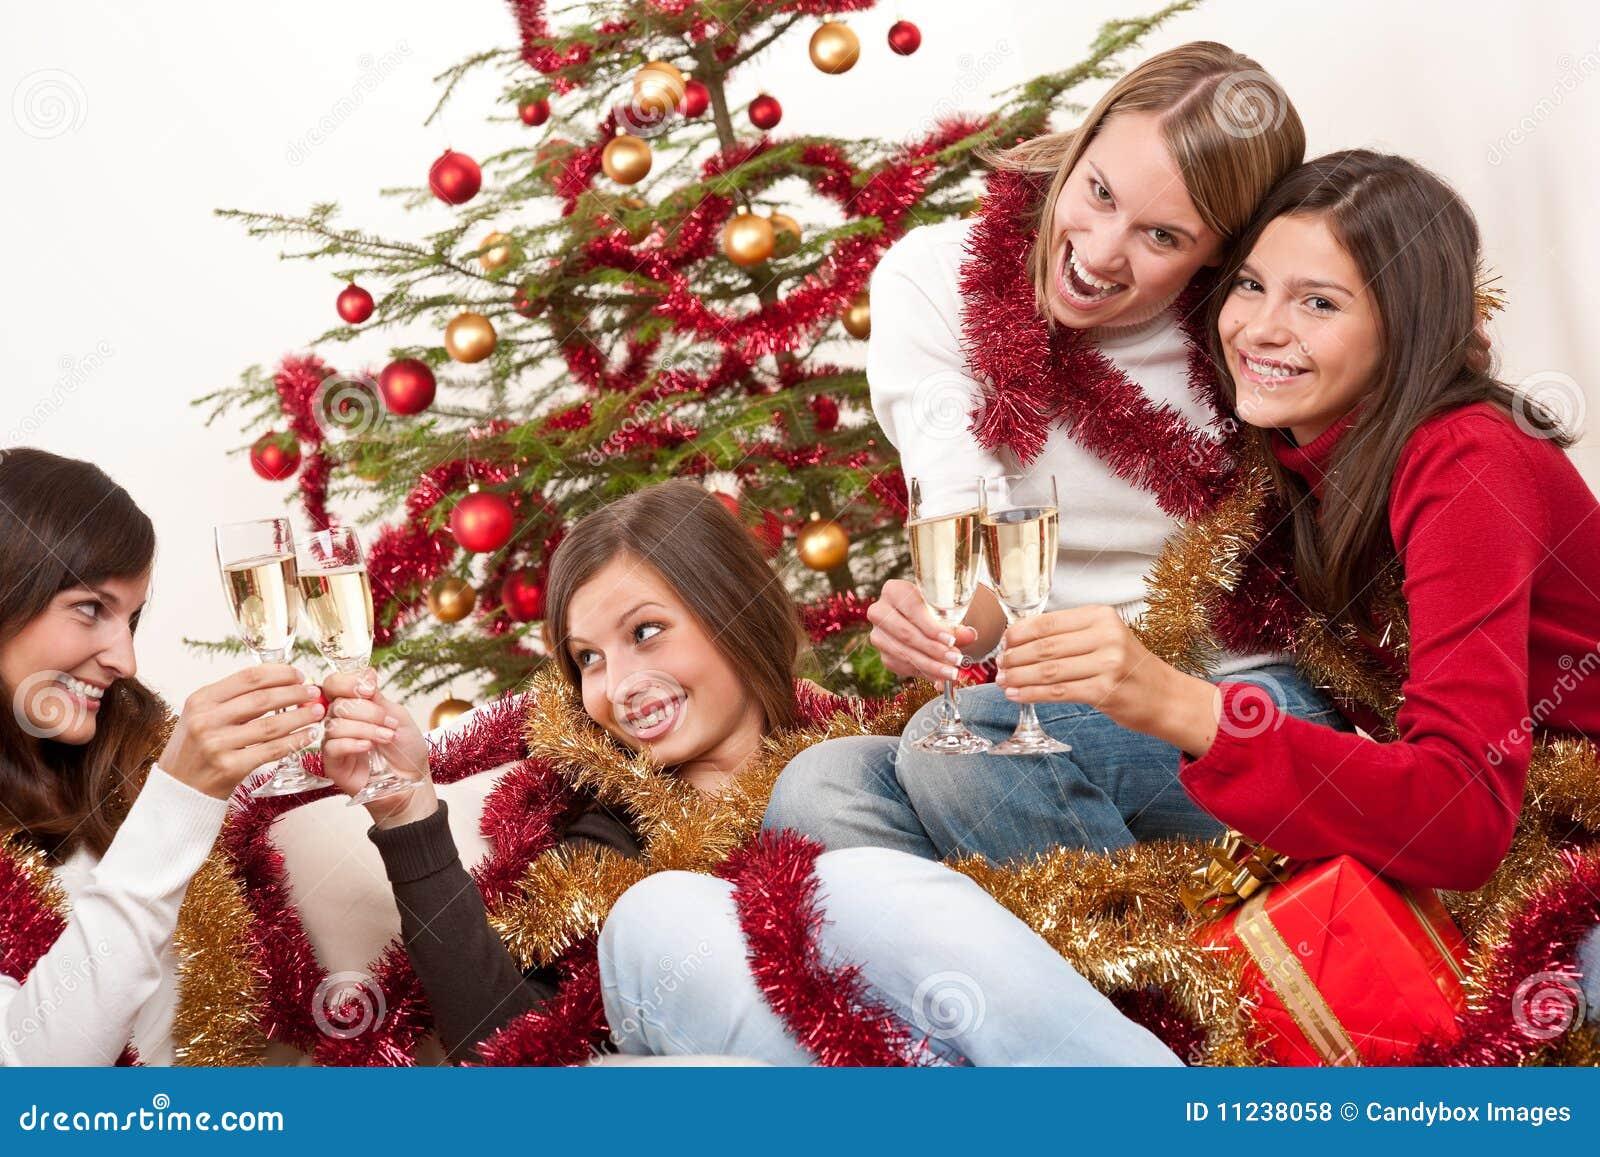 Cuatro mujeres sonrientes en la navidad fotos de archivo for Hotel para cuatro personas